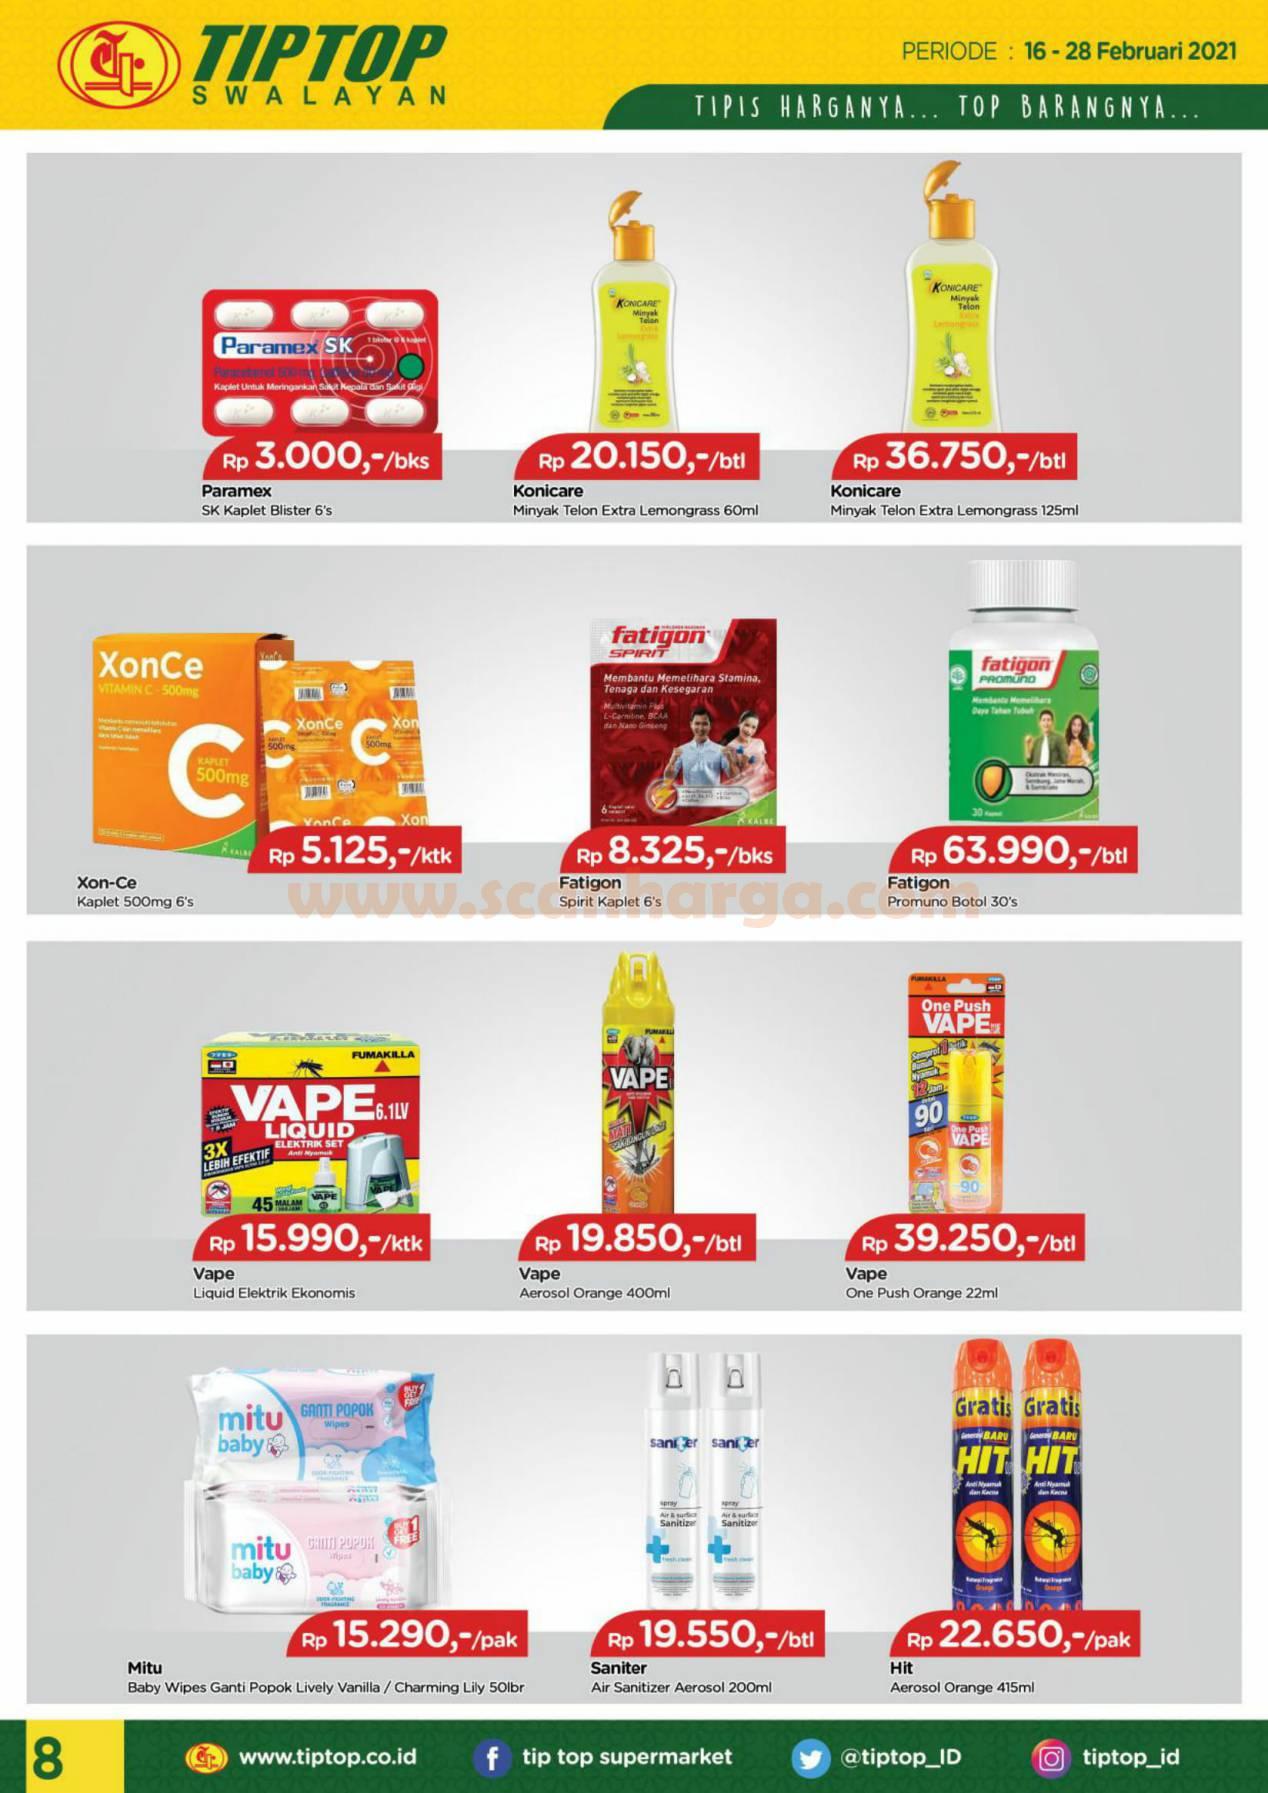 Katalog Promo Tip Top Pasar Swalayan 16 - 28 Februari 2021 8